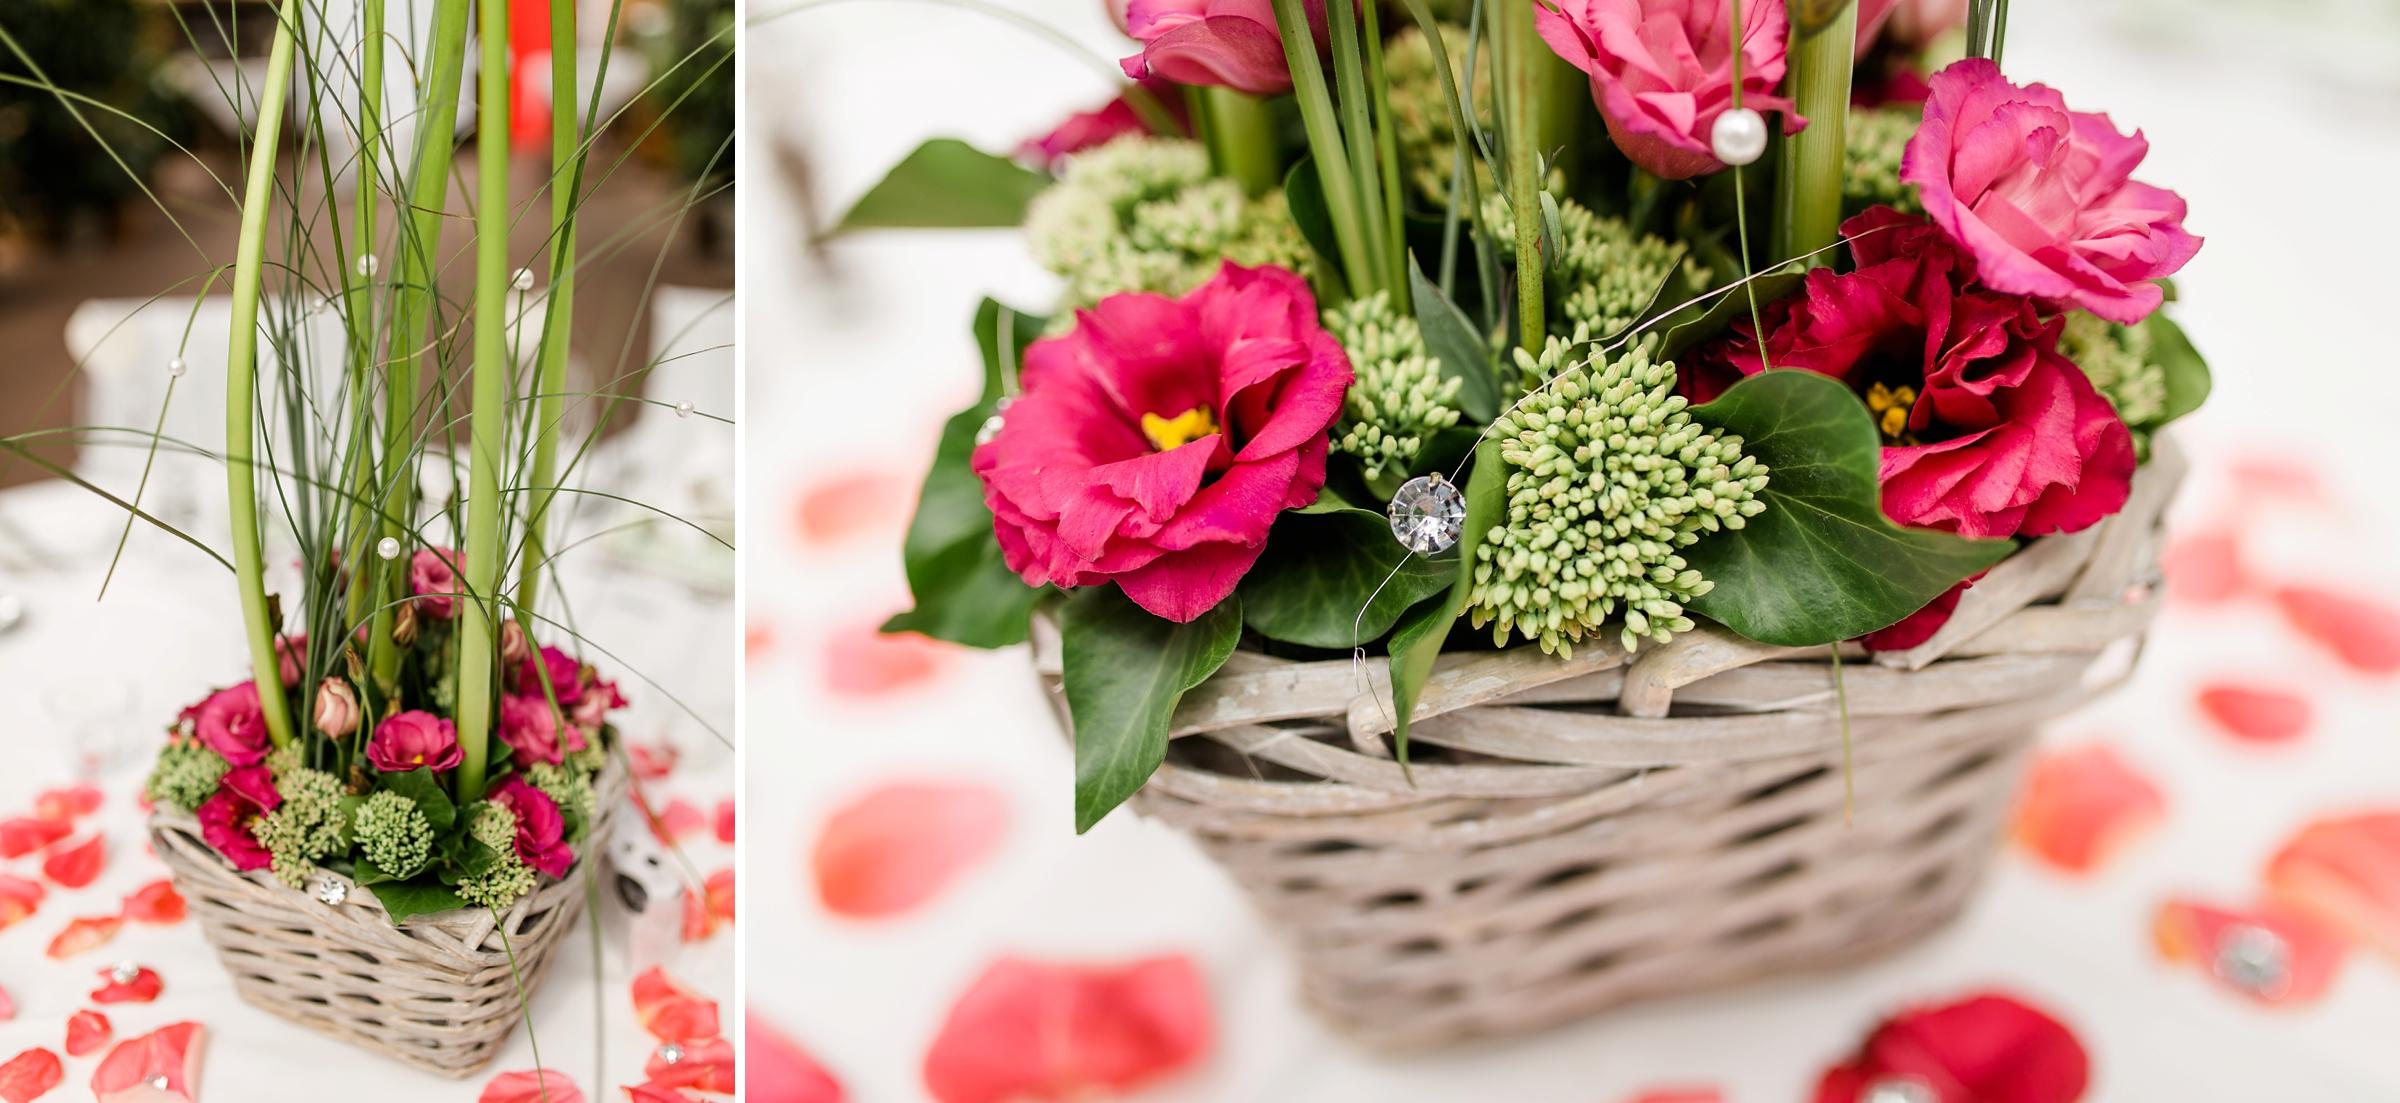 Hochzeitsreportage-Zuerich-Giardino-Verde-Uitikon-Blumenschmuck